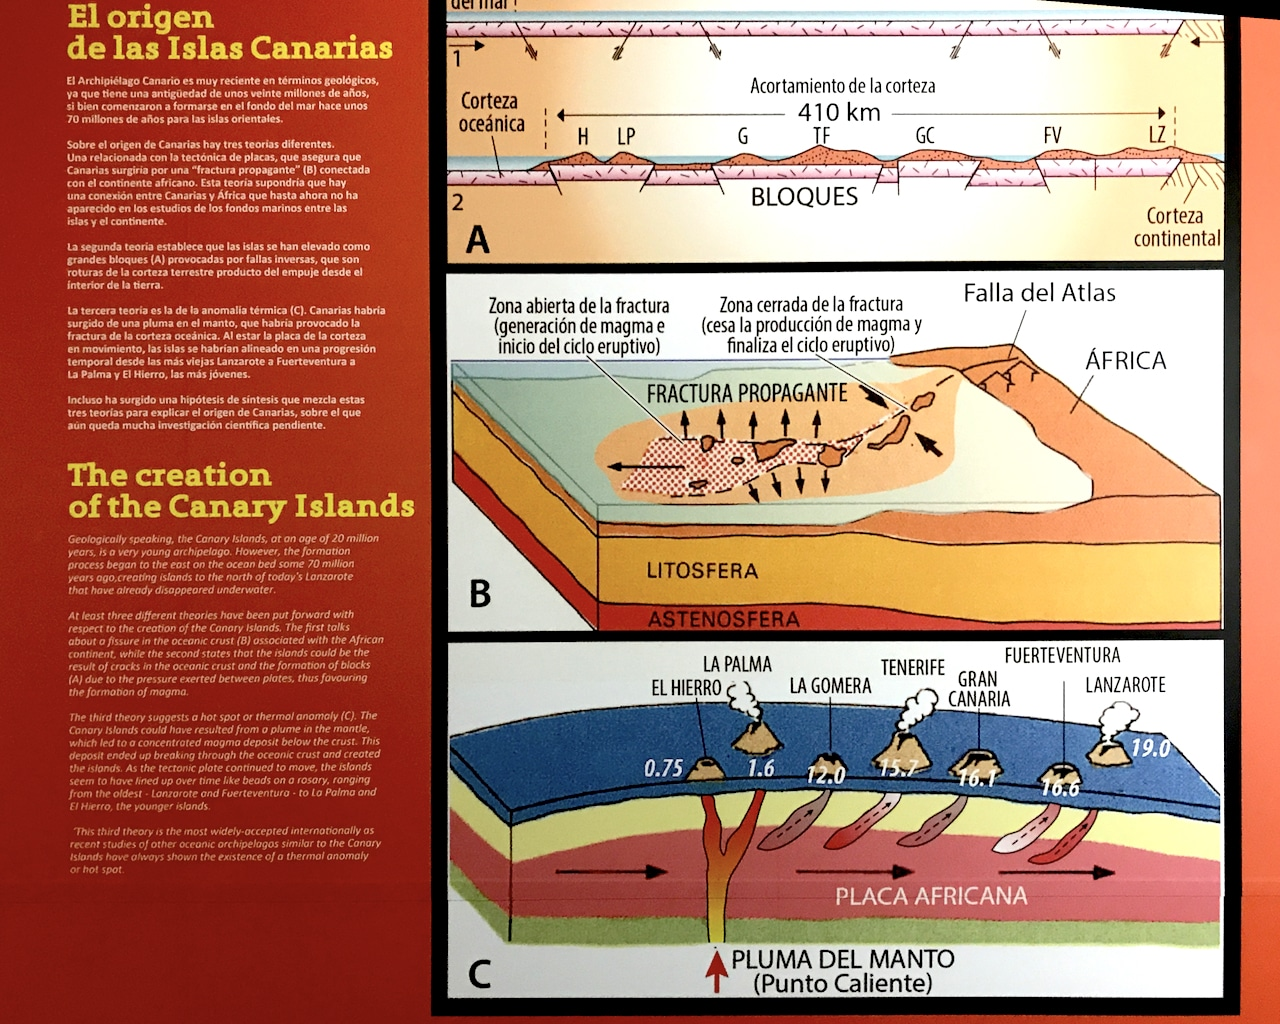 San Antonio Volcano Visitor Centre - Green and Lush La Palma.jpg